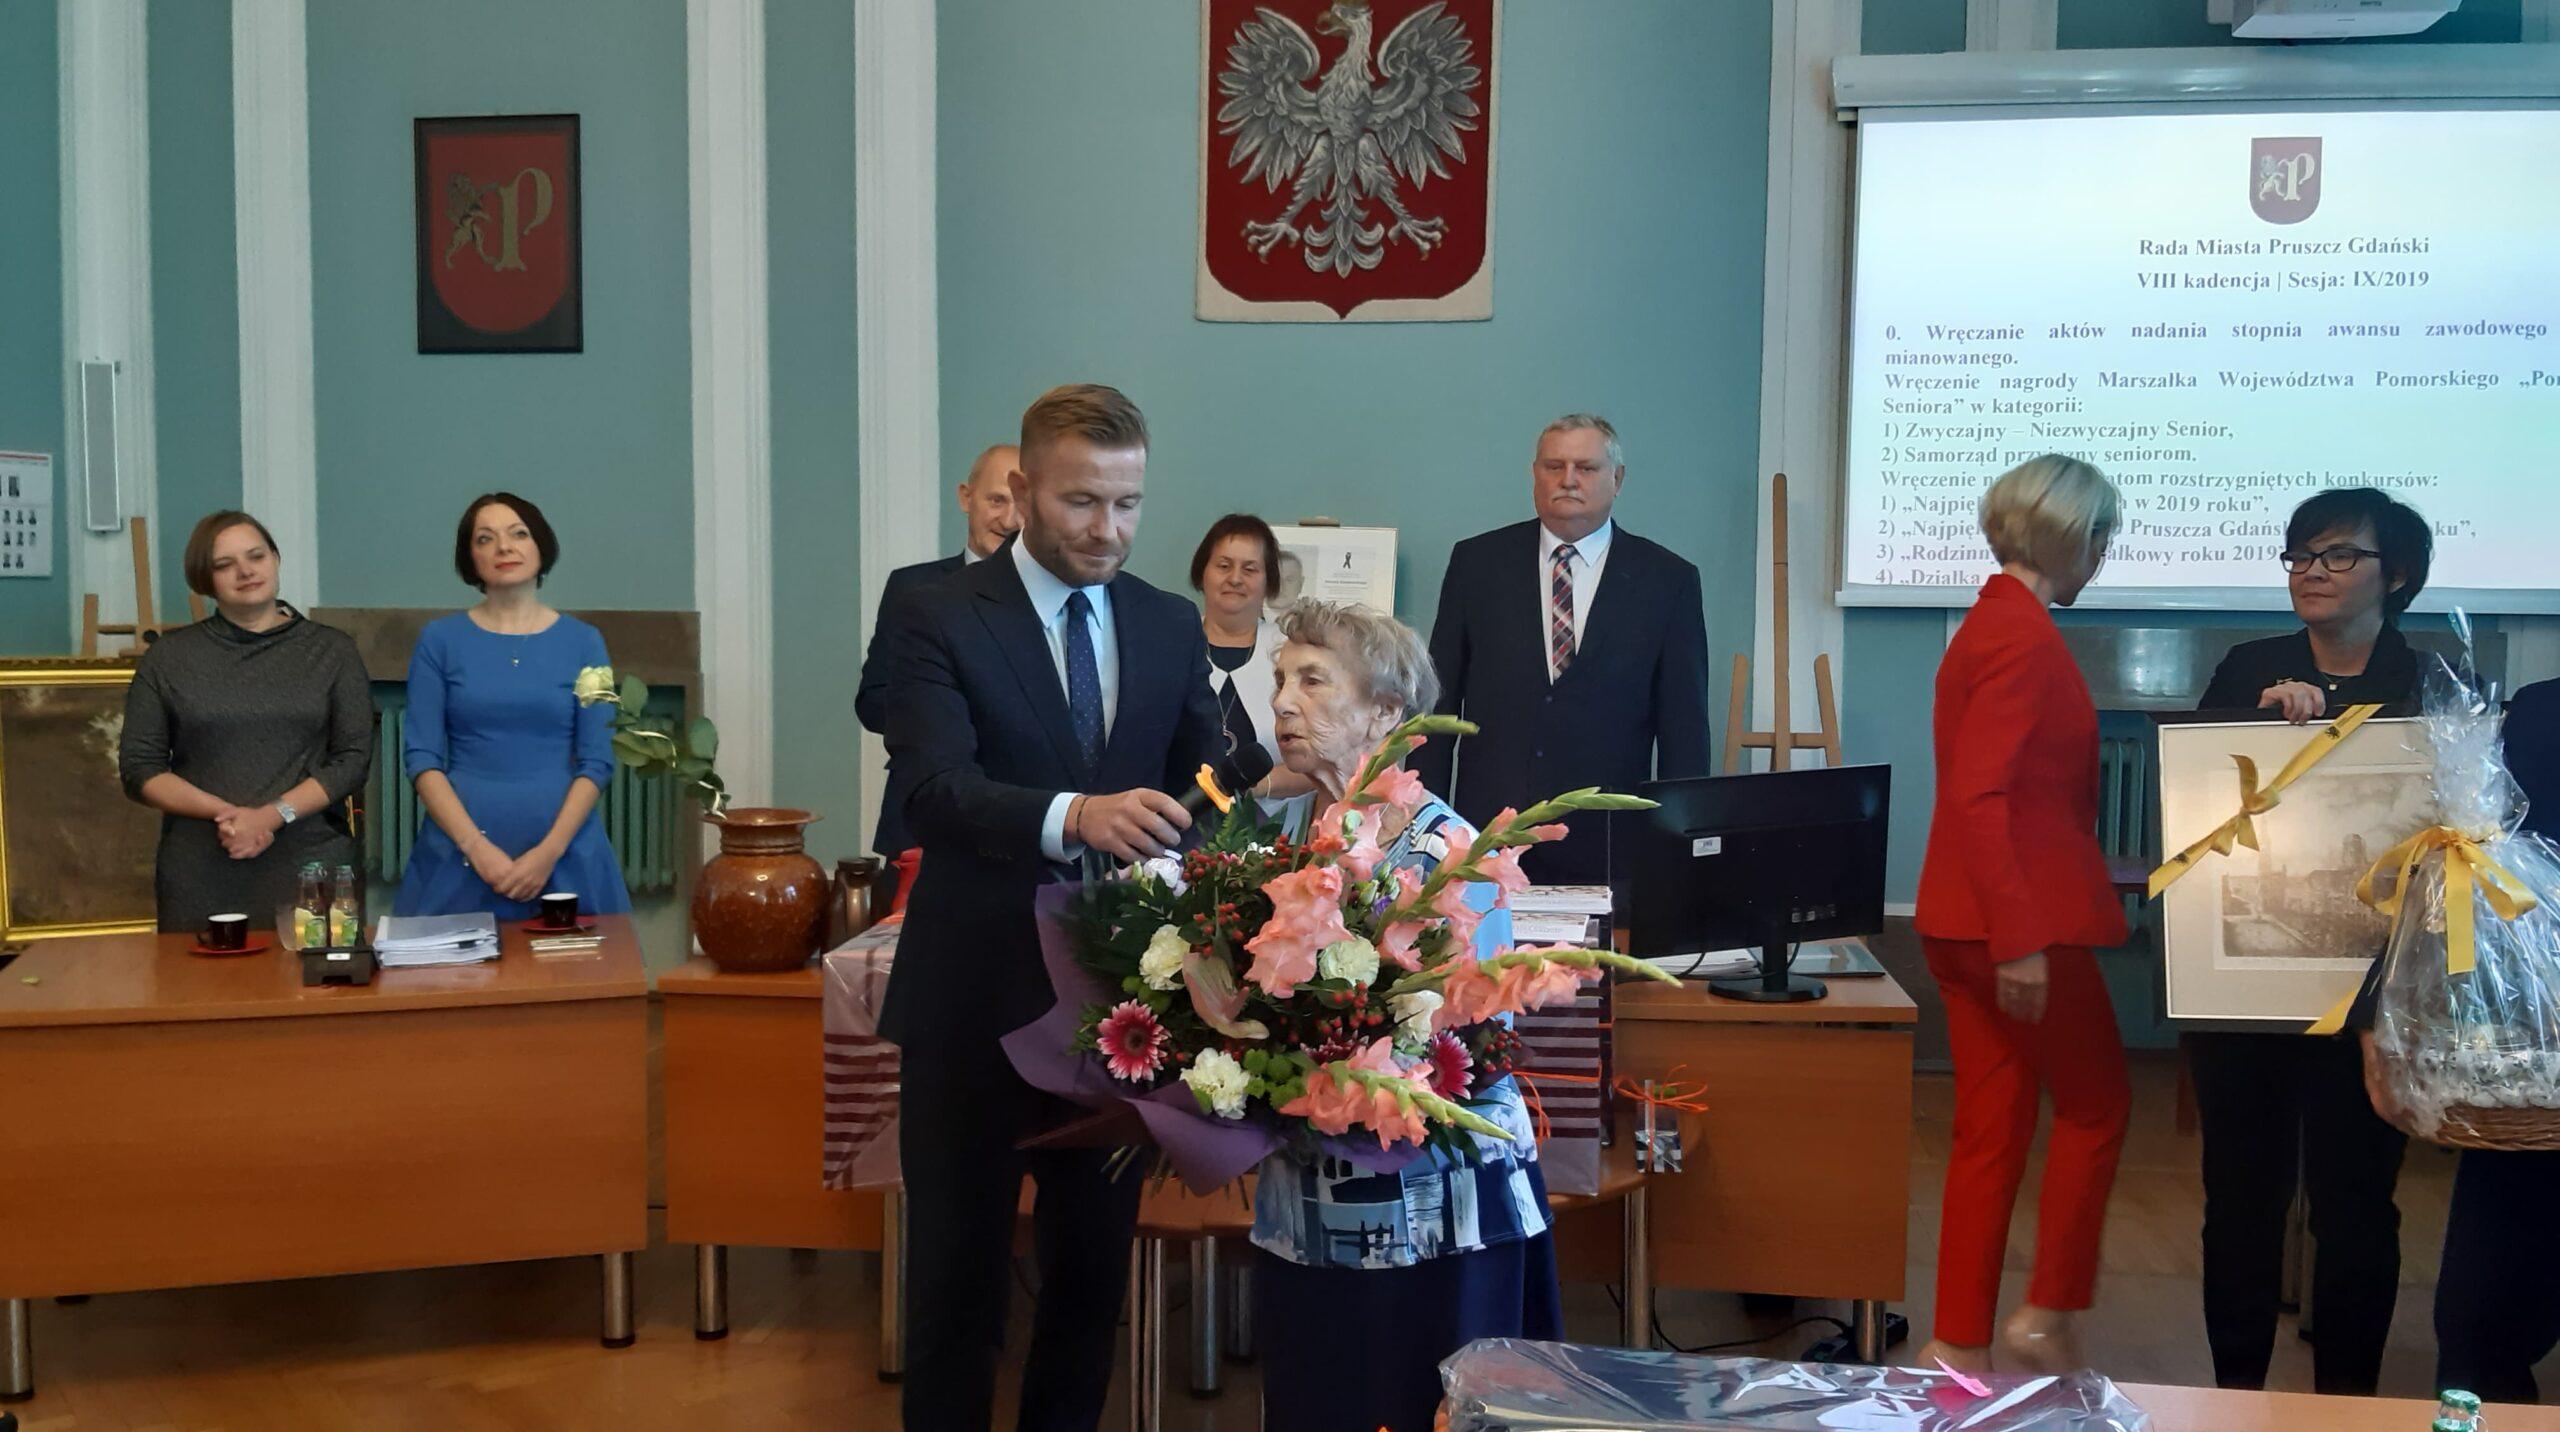 powiat gdański – wręczenie nagród w kategorii Zwyczajny – Niezwyczajny Senior oraz Samorząd przyjazny Seniorom